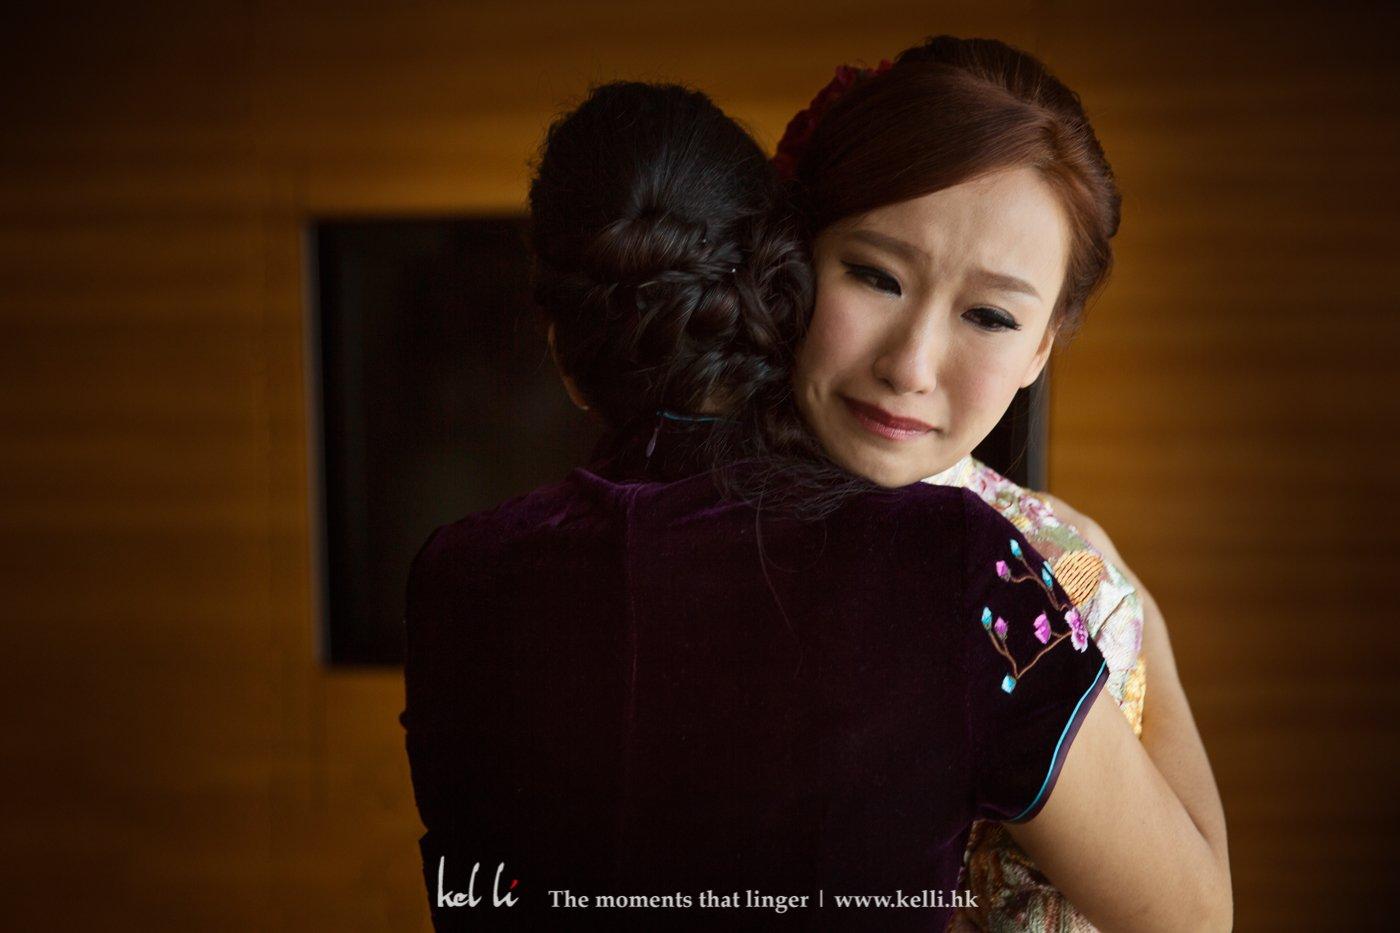 簡單一個擁抱,勝於千言萬語